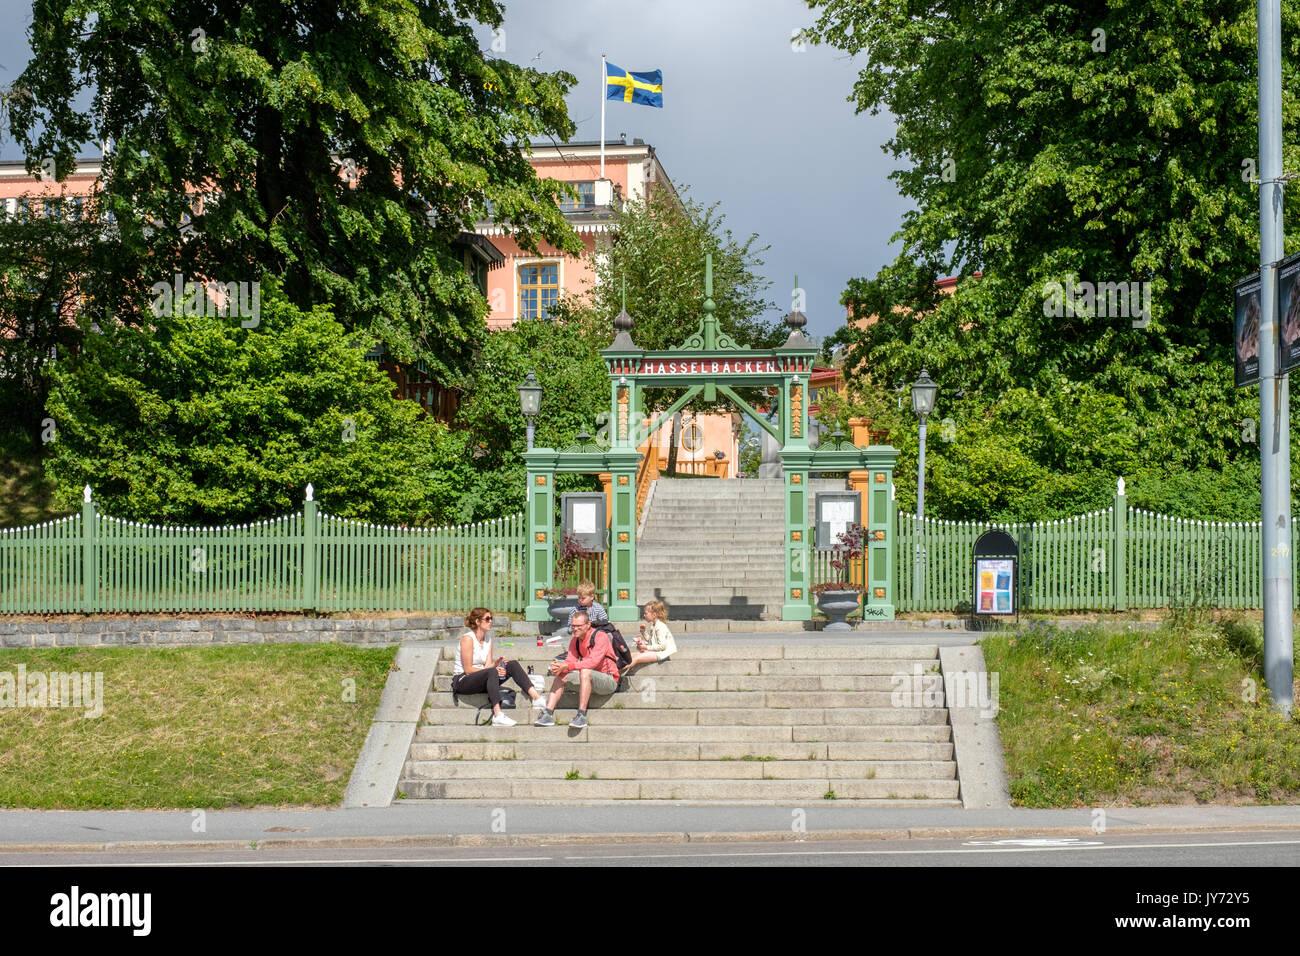 Hasselbacken a Djurgarden a Stoccolma. Djurgarden è una zona ricreativa con edifici storici e monumenti, parco di divertimenti e open-air museum. Immagini Stock